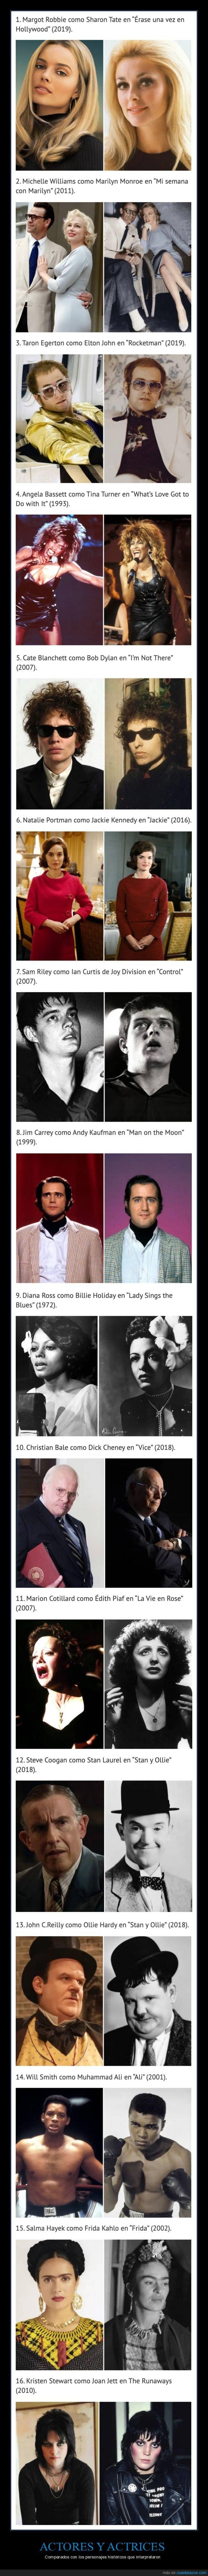 actores,comparación,personajes históricos